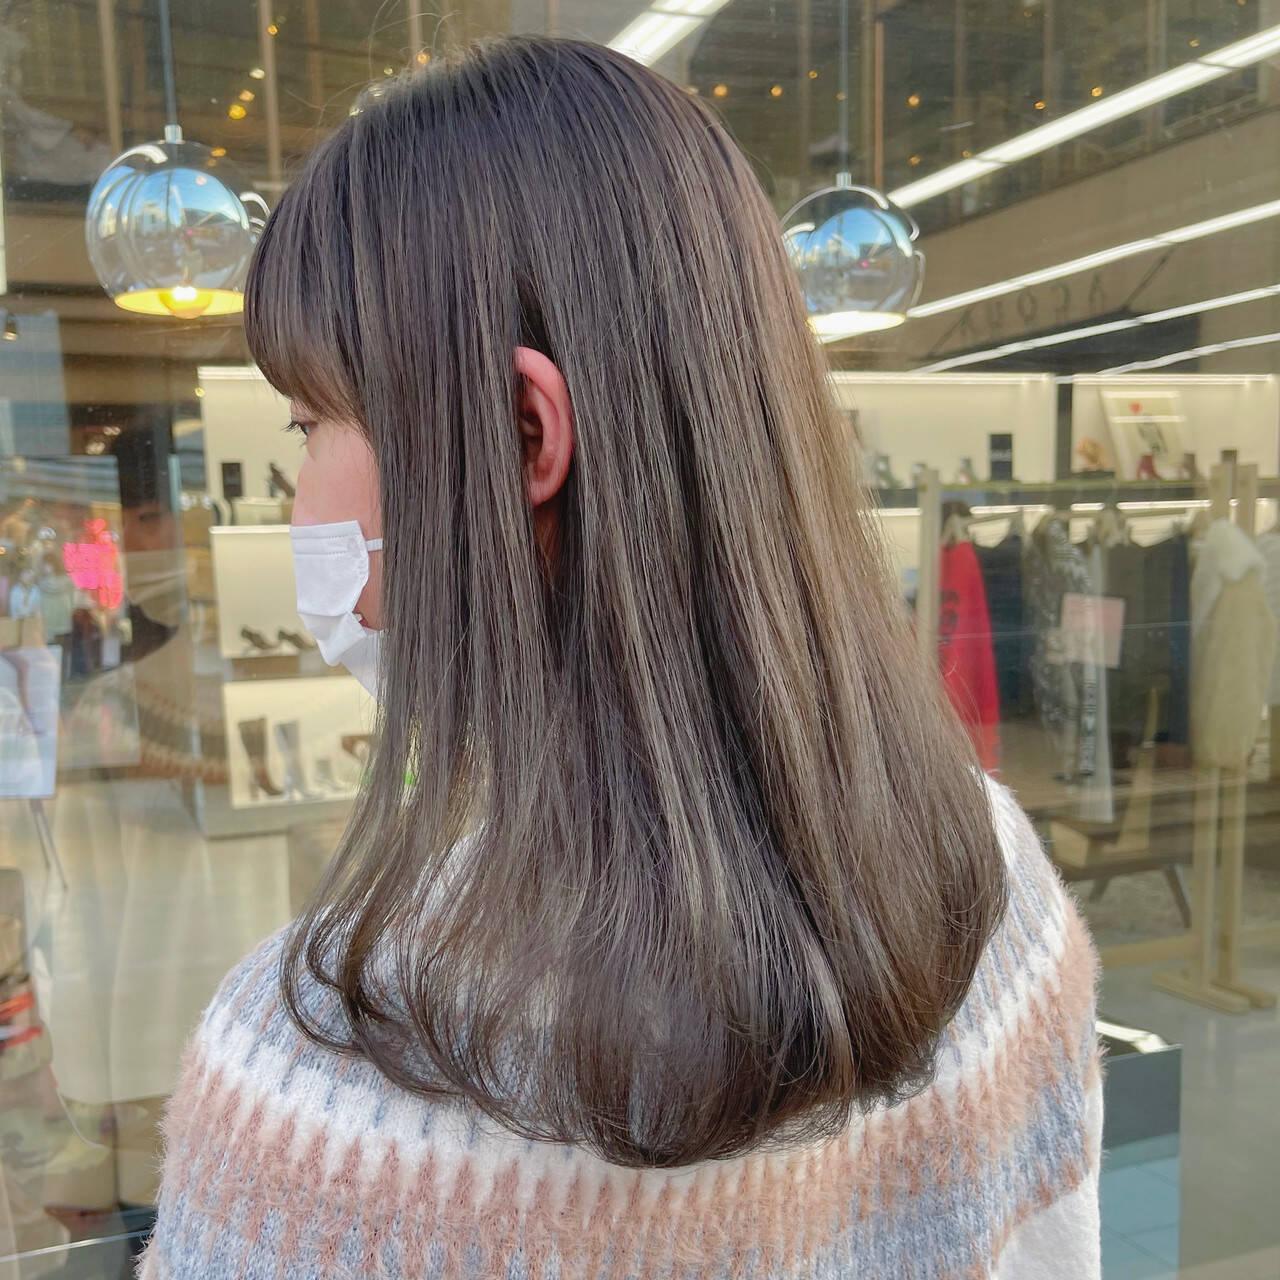 ナチュラル ロング 透明感 透明感カラーヘアスタイルや髪型の写真・画像